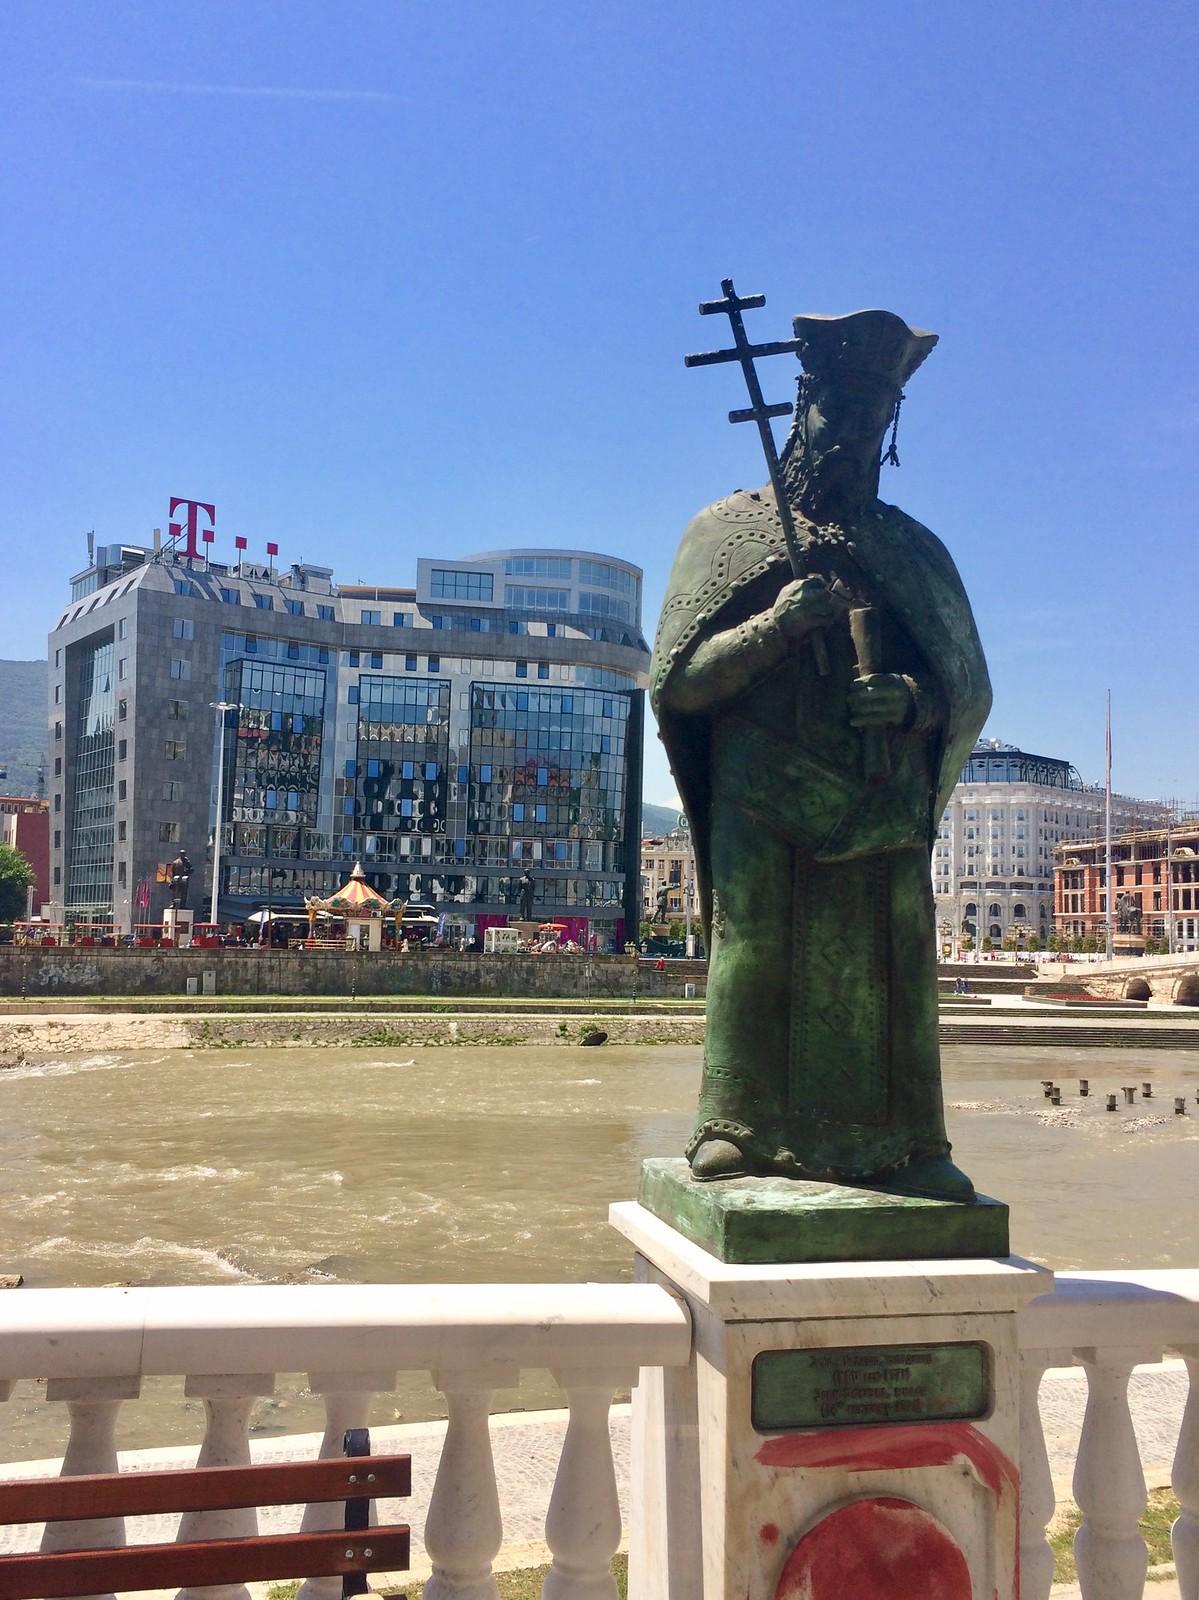 201705 - Balkans - Statue of a Saint by Vardar River - 58 of 66 - Skopje - Skopje, May 31, 2017